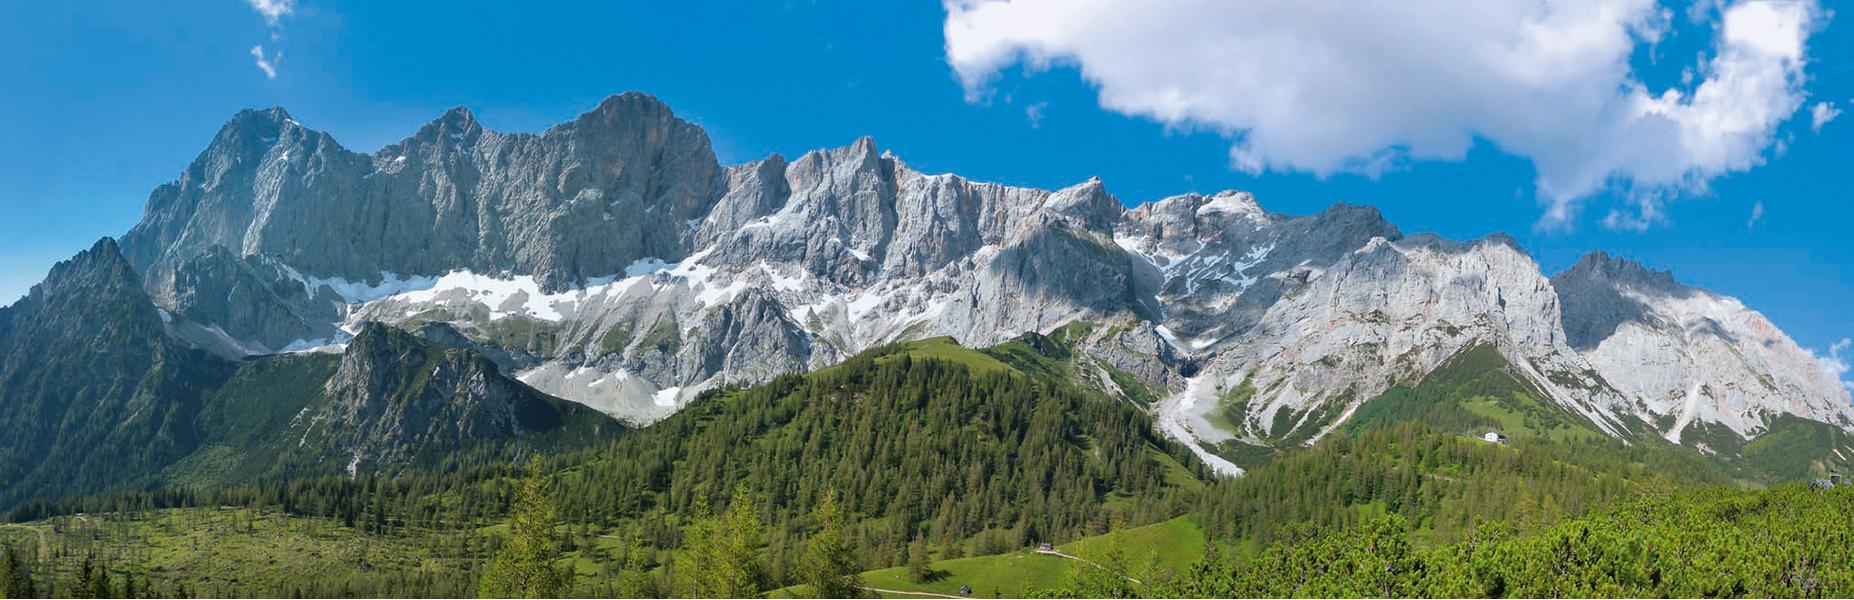 Der Ferrata Everest - Traum-Klettersteig am Dachstein